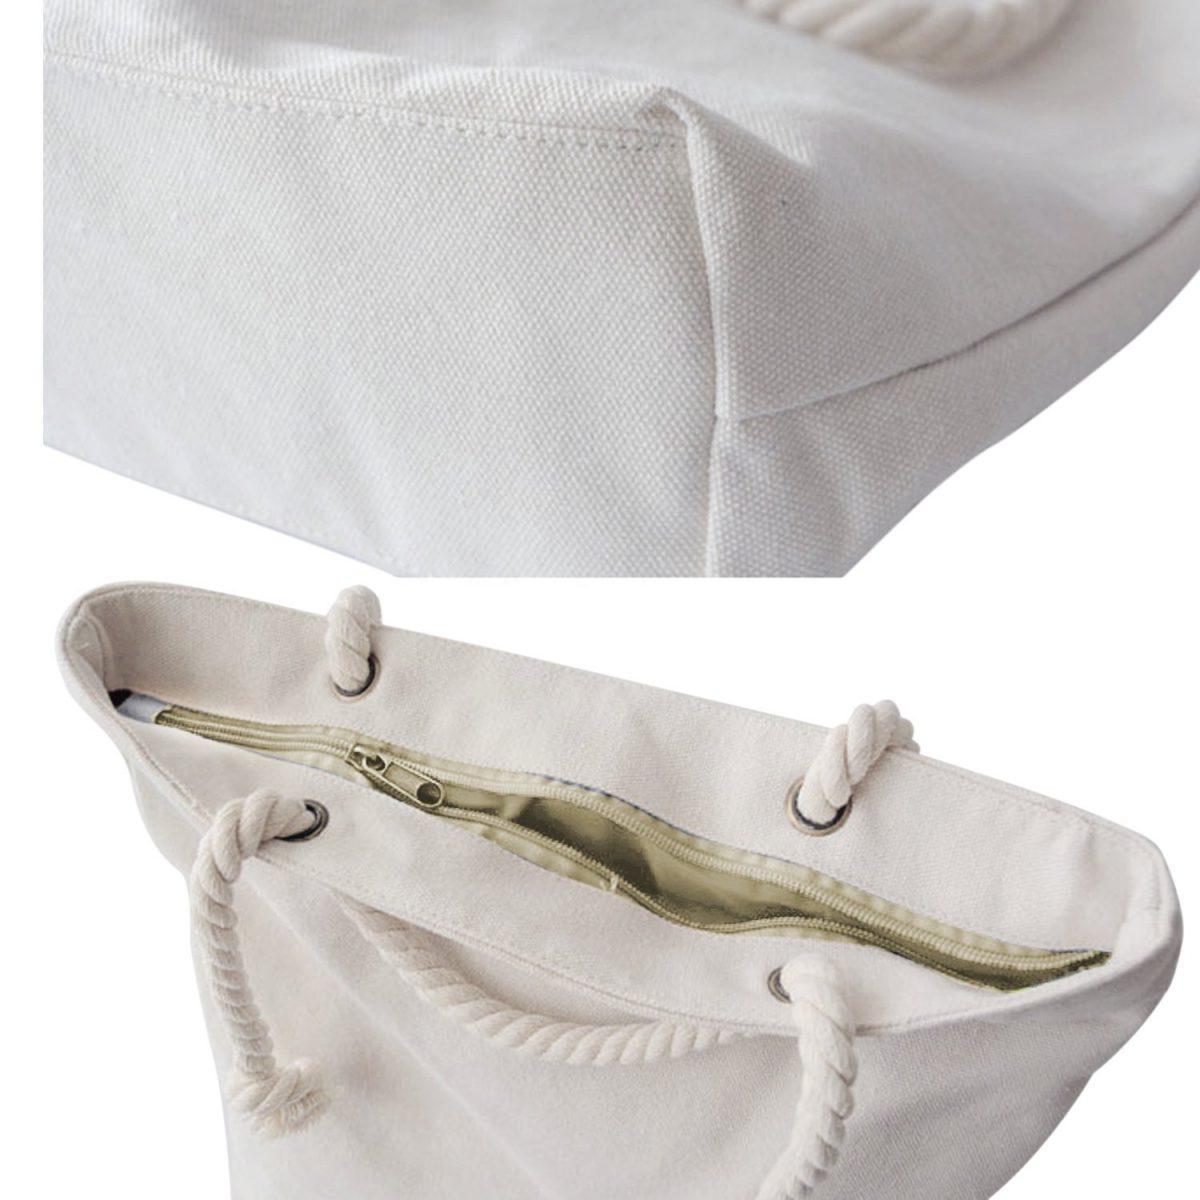 Gri Beyaz Bulutlar Dijital Baskılı Fermuarlı Modern Kumaş Çanta Realhomes